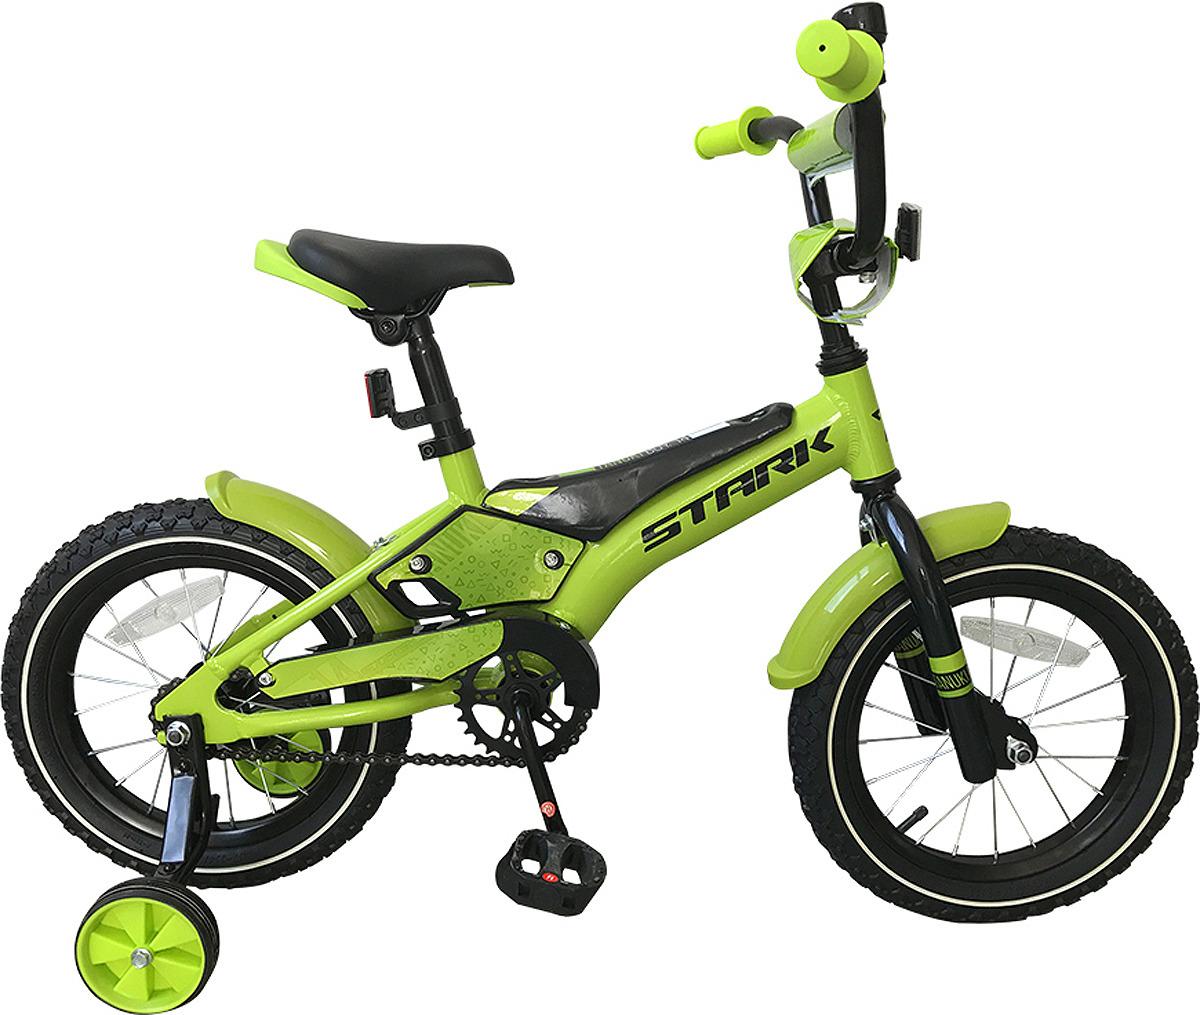 цена на Велосипед детский Stark'19 Tanuki Boy, зеленый, черный, диаметр колес 14, размер рамы